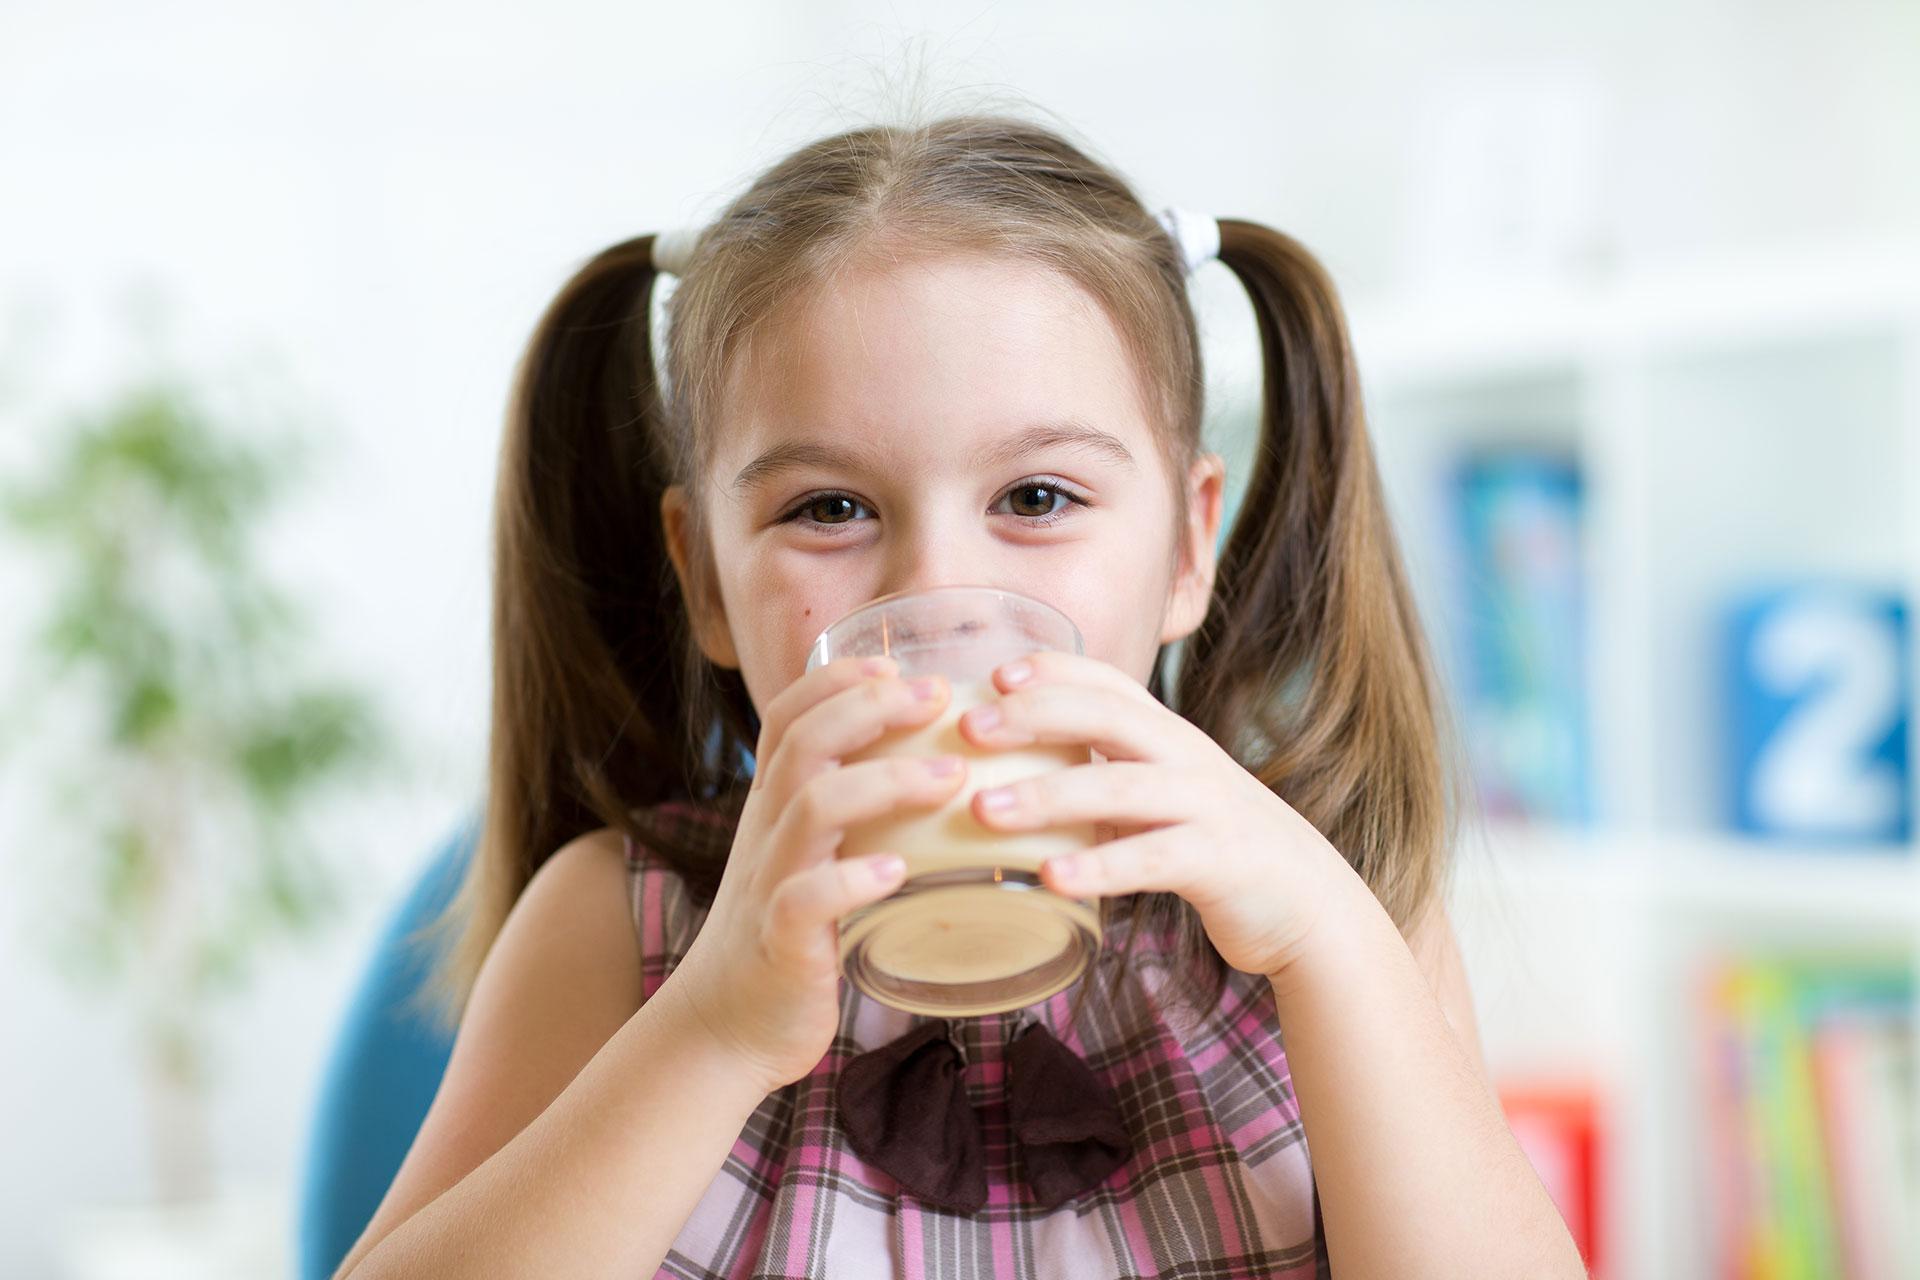 Bambina che beve un bicchiere di latte